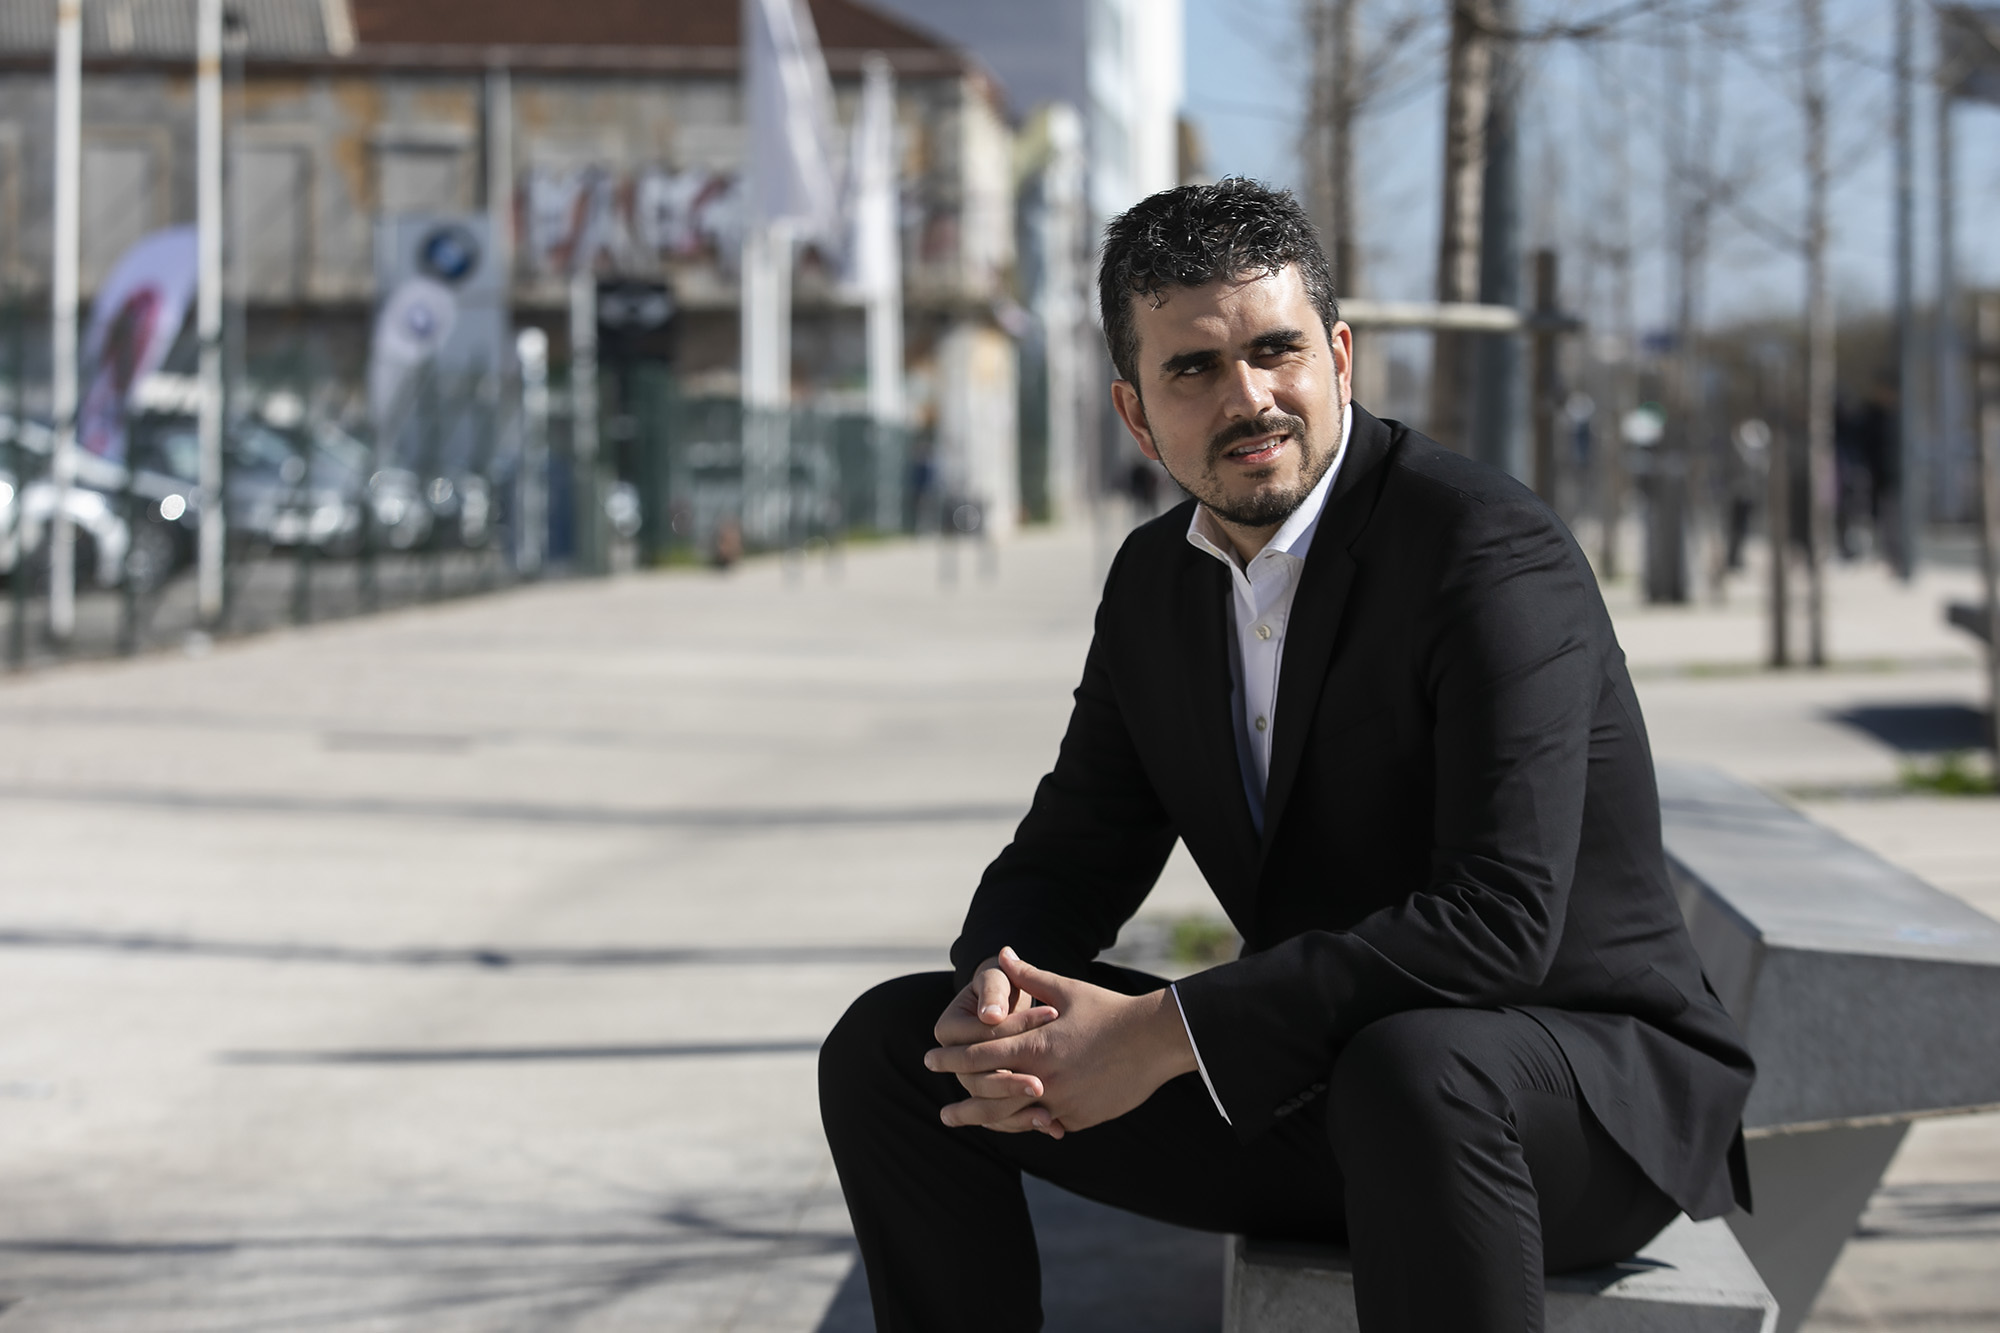 Carlos Guimarães Pinto, fundador do partido Iniciativa Liberal, em entrevista ao ECO - 12FEV19